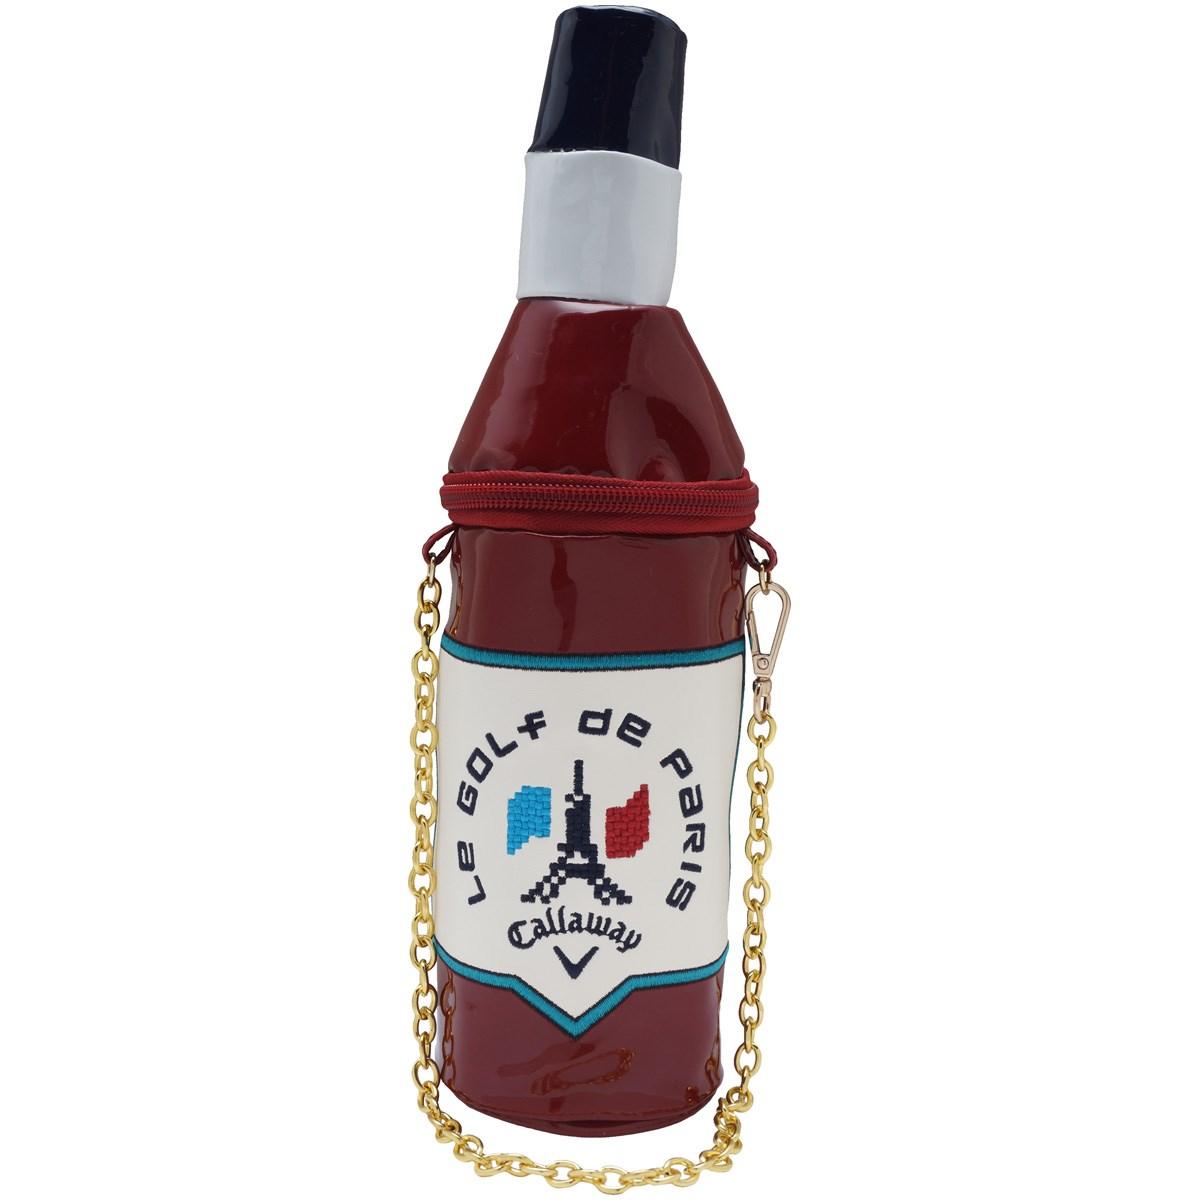 キャロウェイゴルフ(Callaway Golf) ワイン型ボトルケース